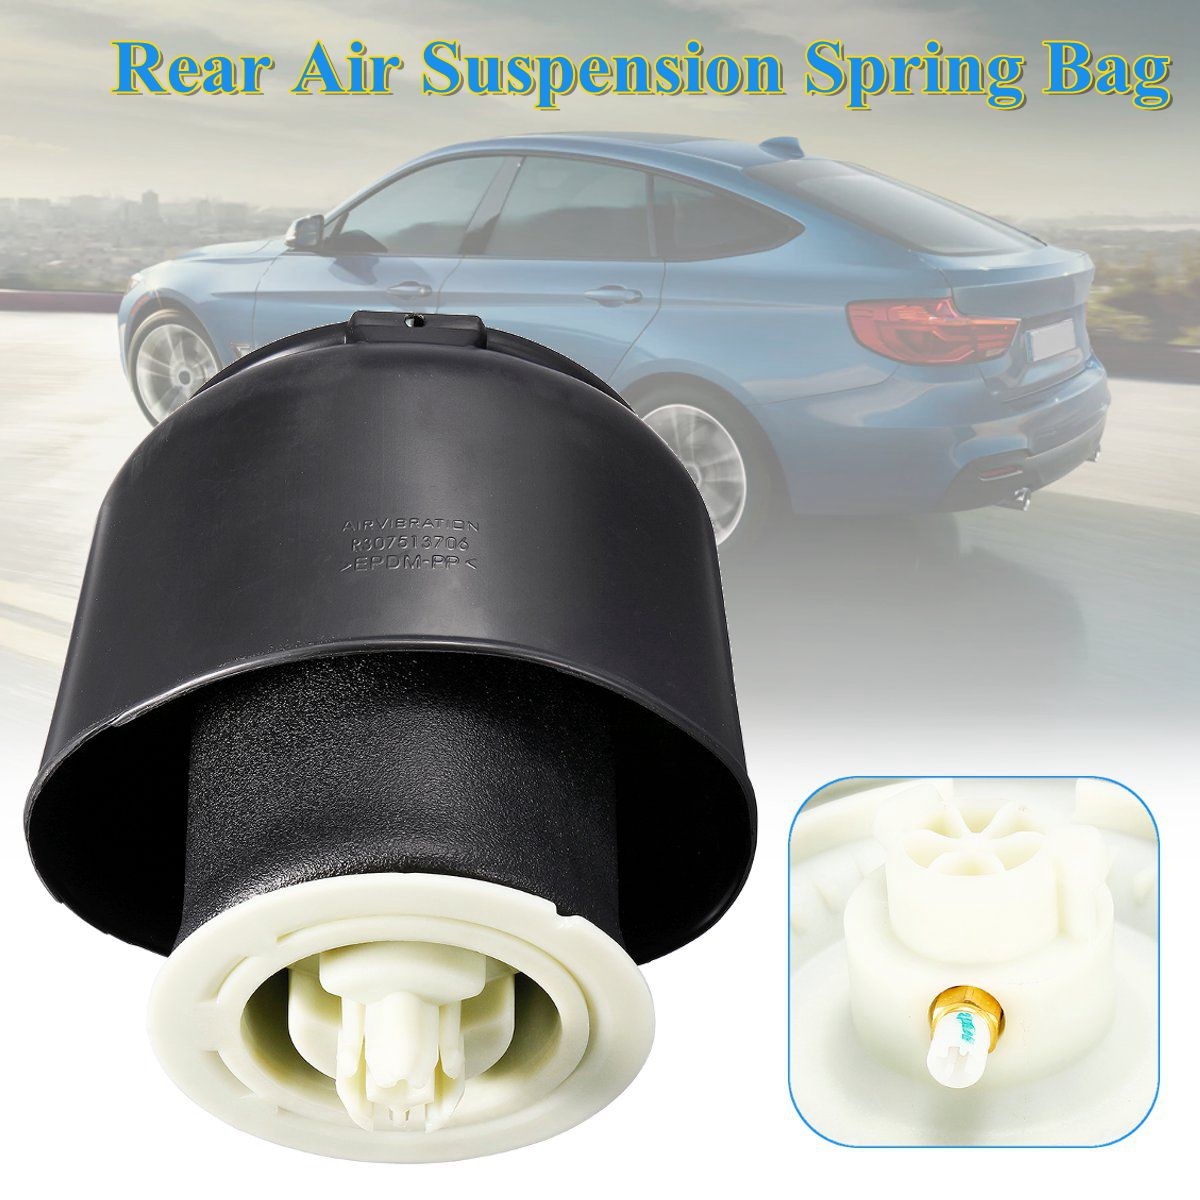 Nueva bolsa de fuelle de suspensión neumática trasera con funda antipolvo para BMW F07 GT F10 F11 #37106781827 371067818 37106781828